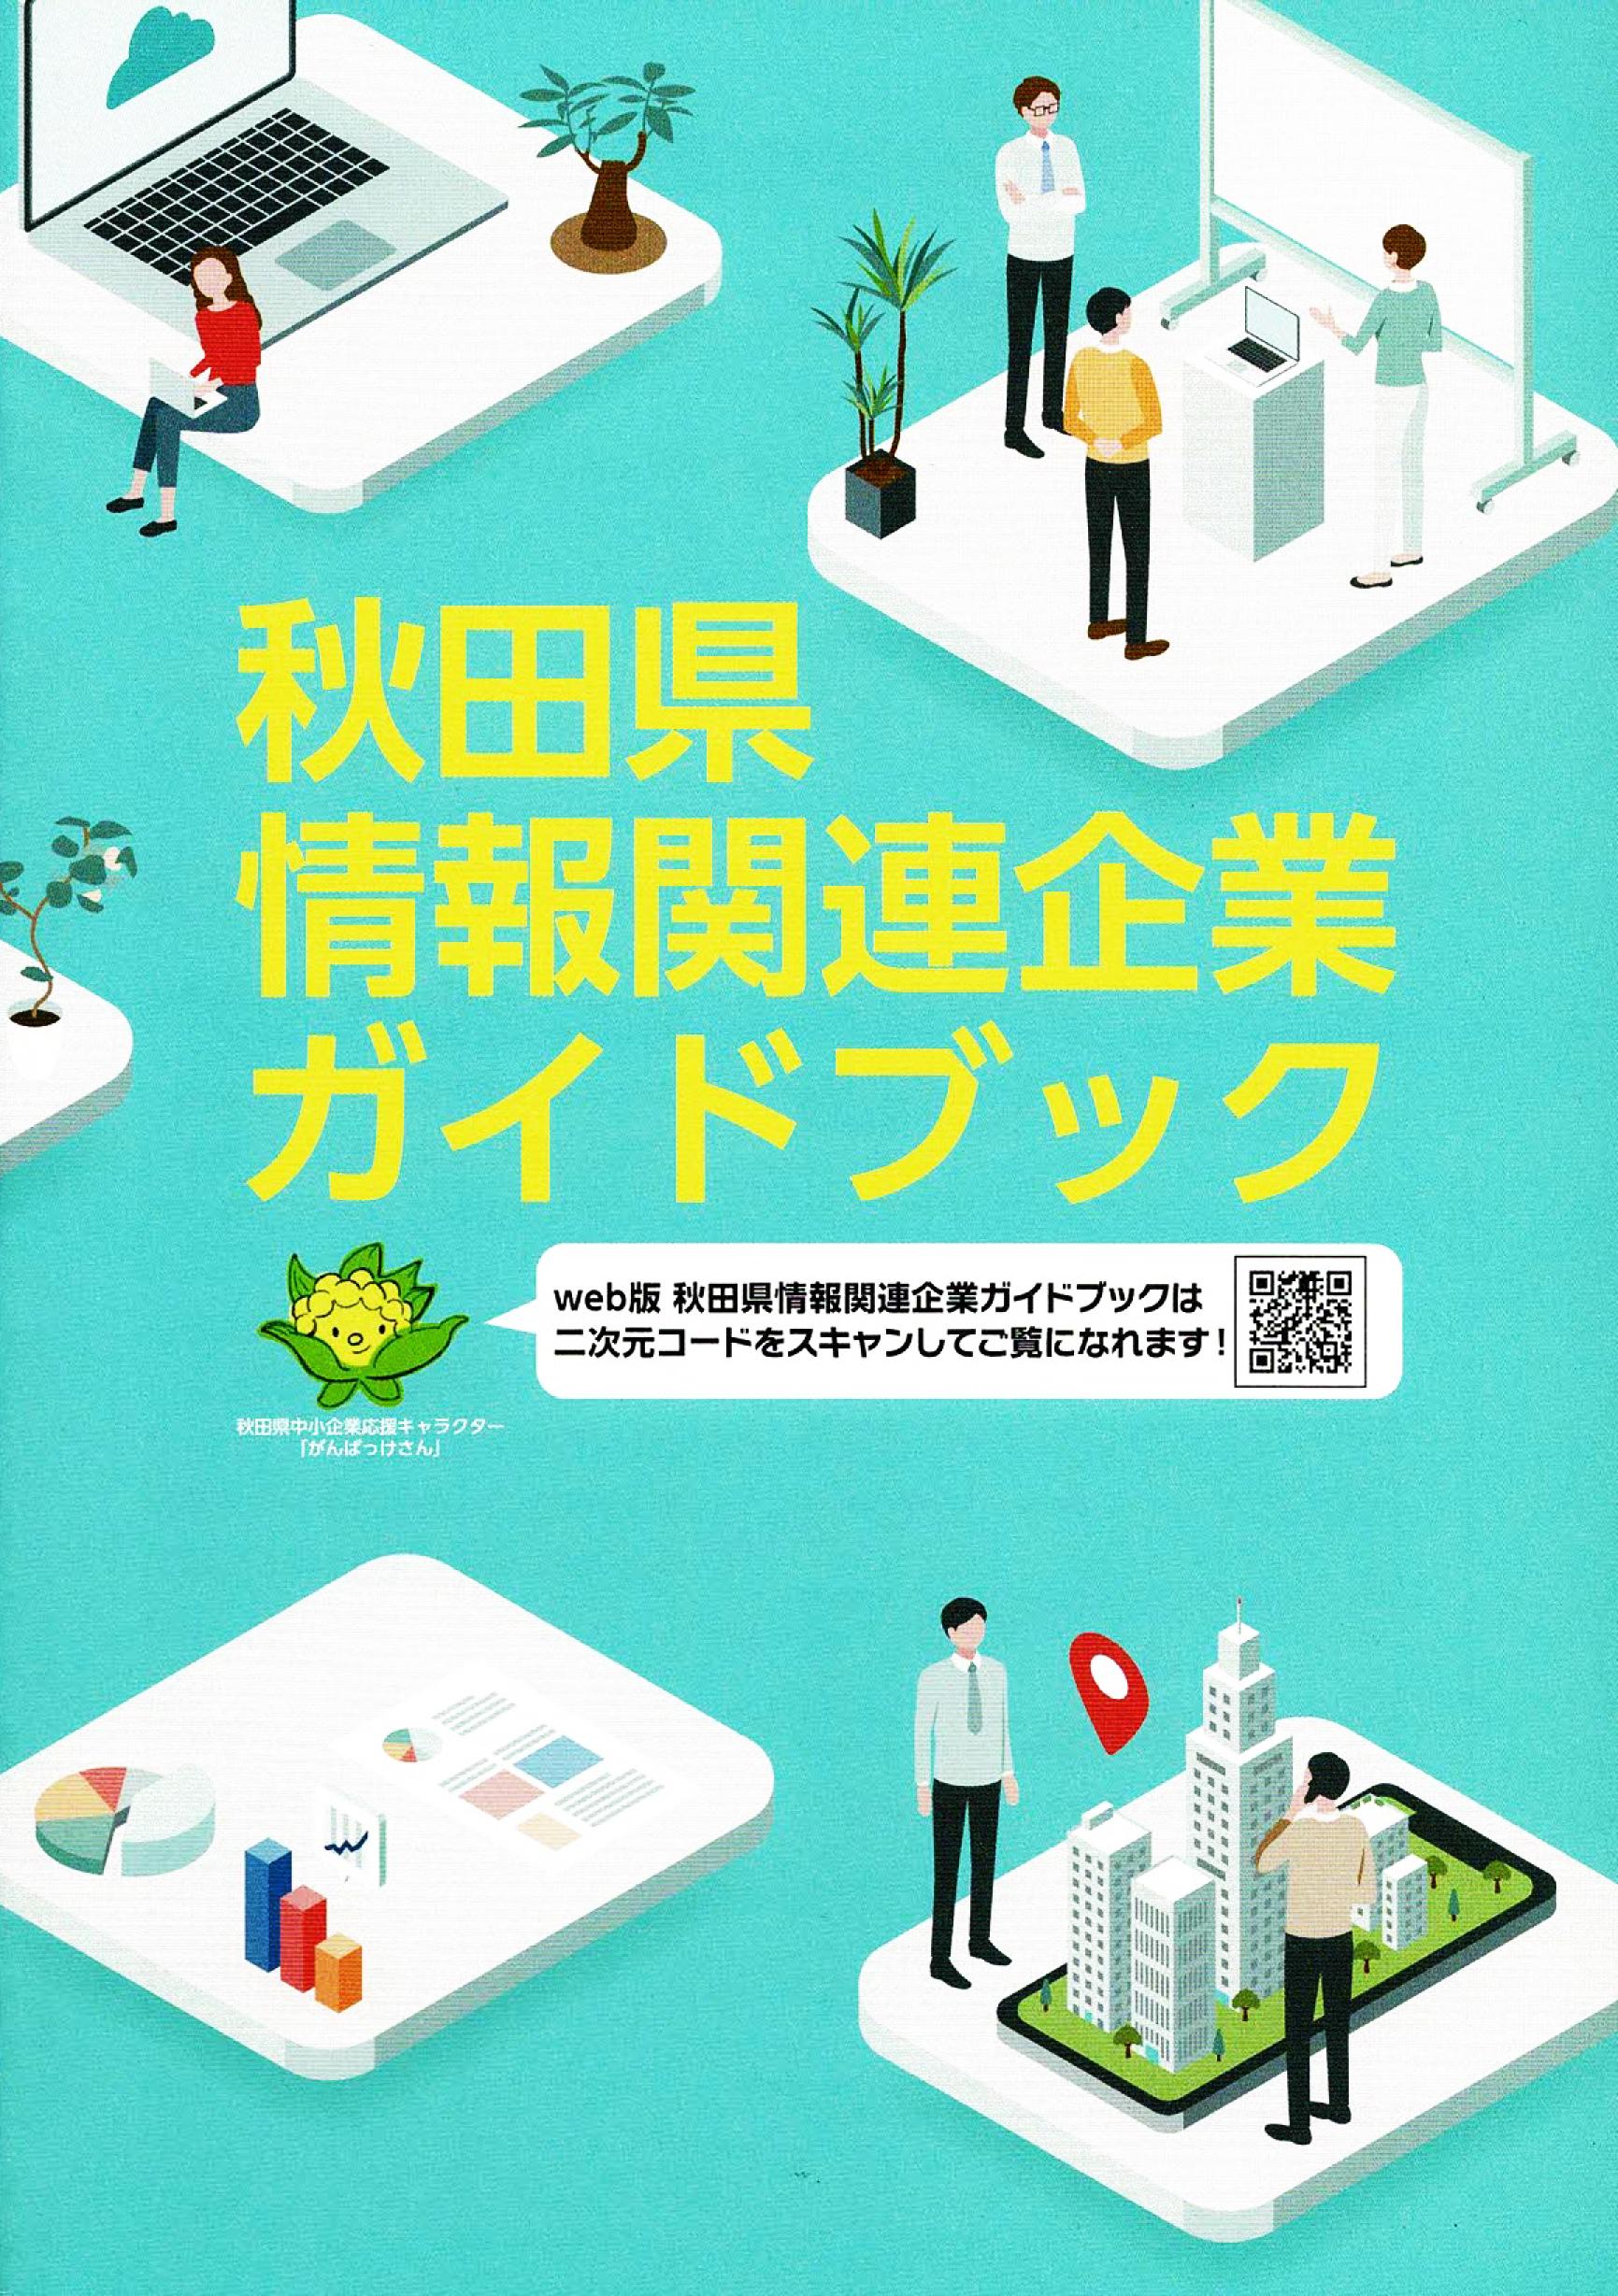 秋田県情報関連企業ガイドブック(令和3年10月改訂版)が発行されました